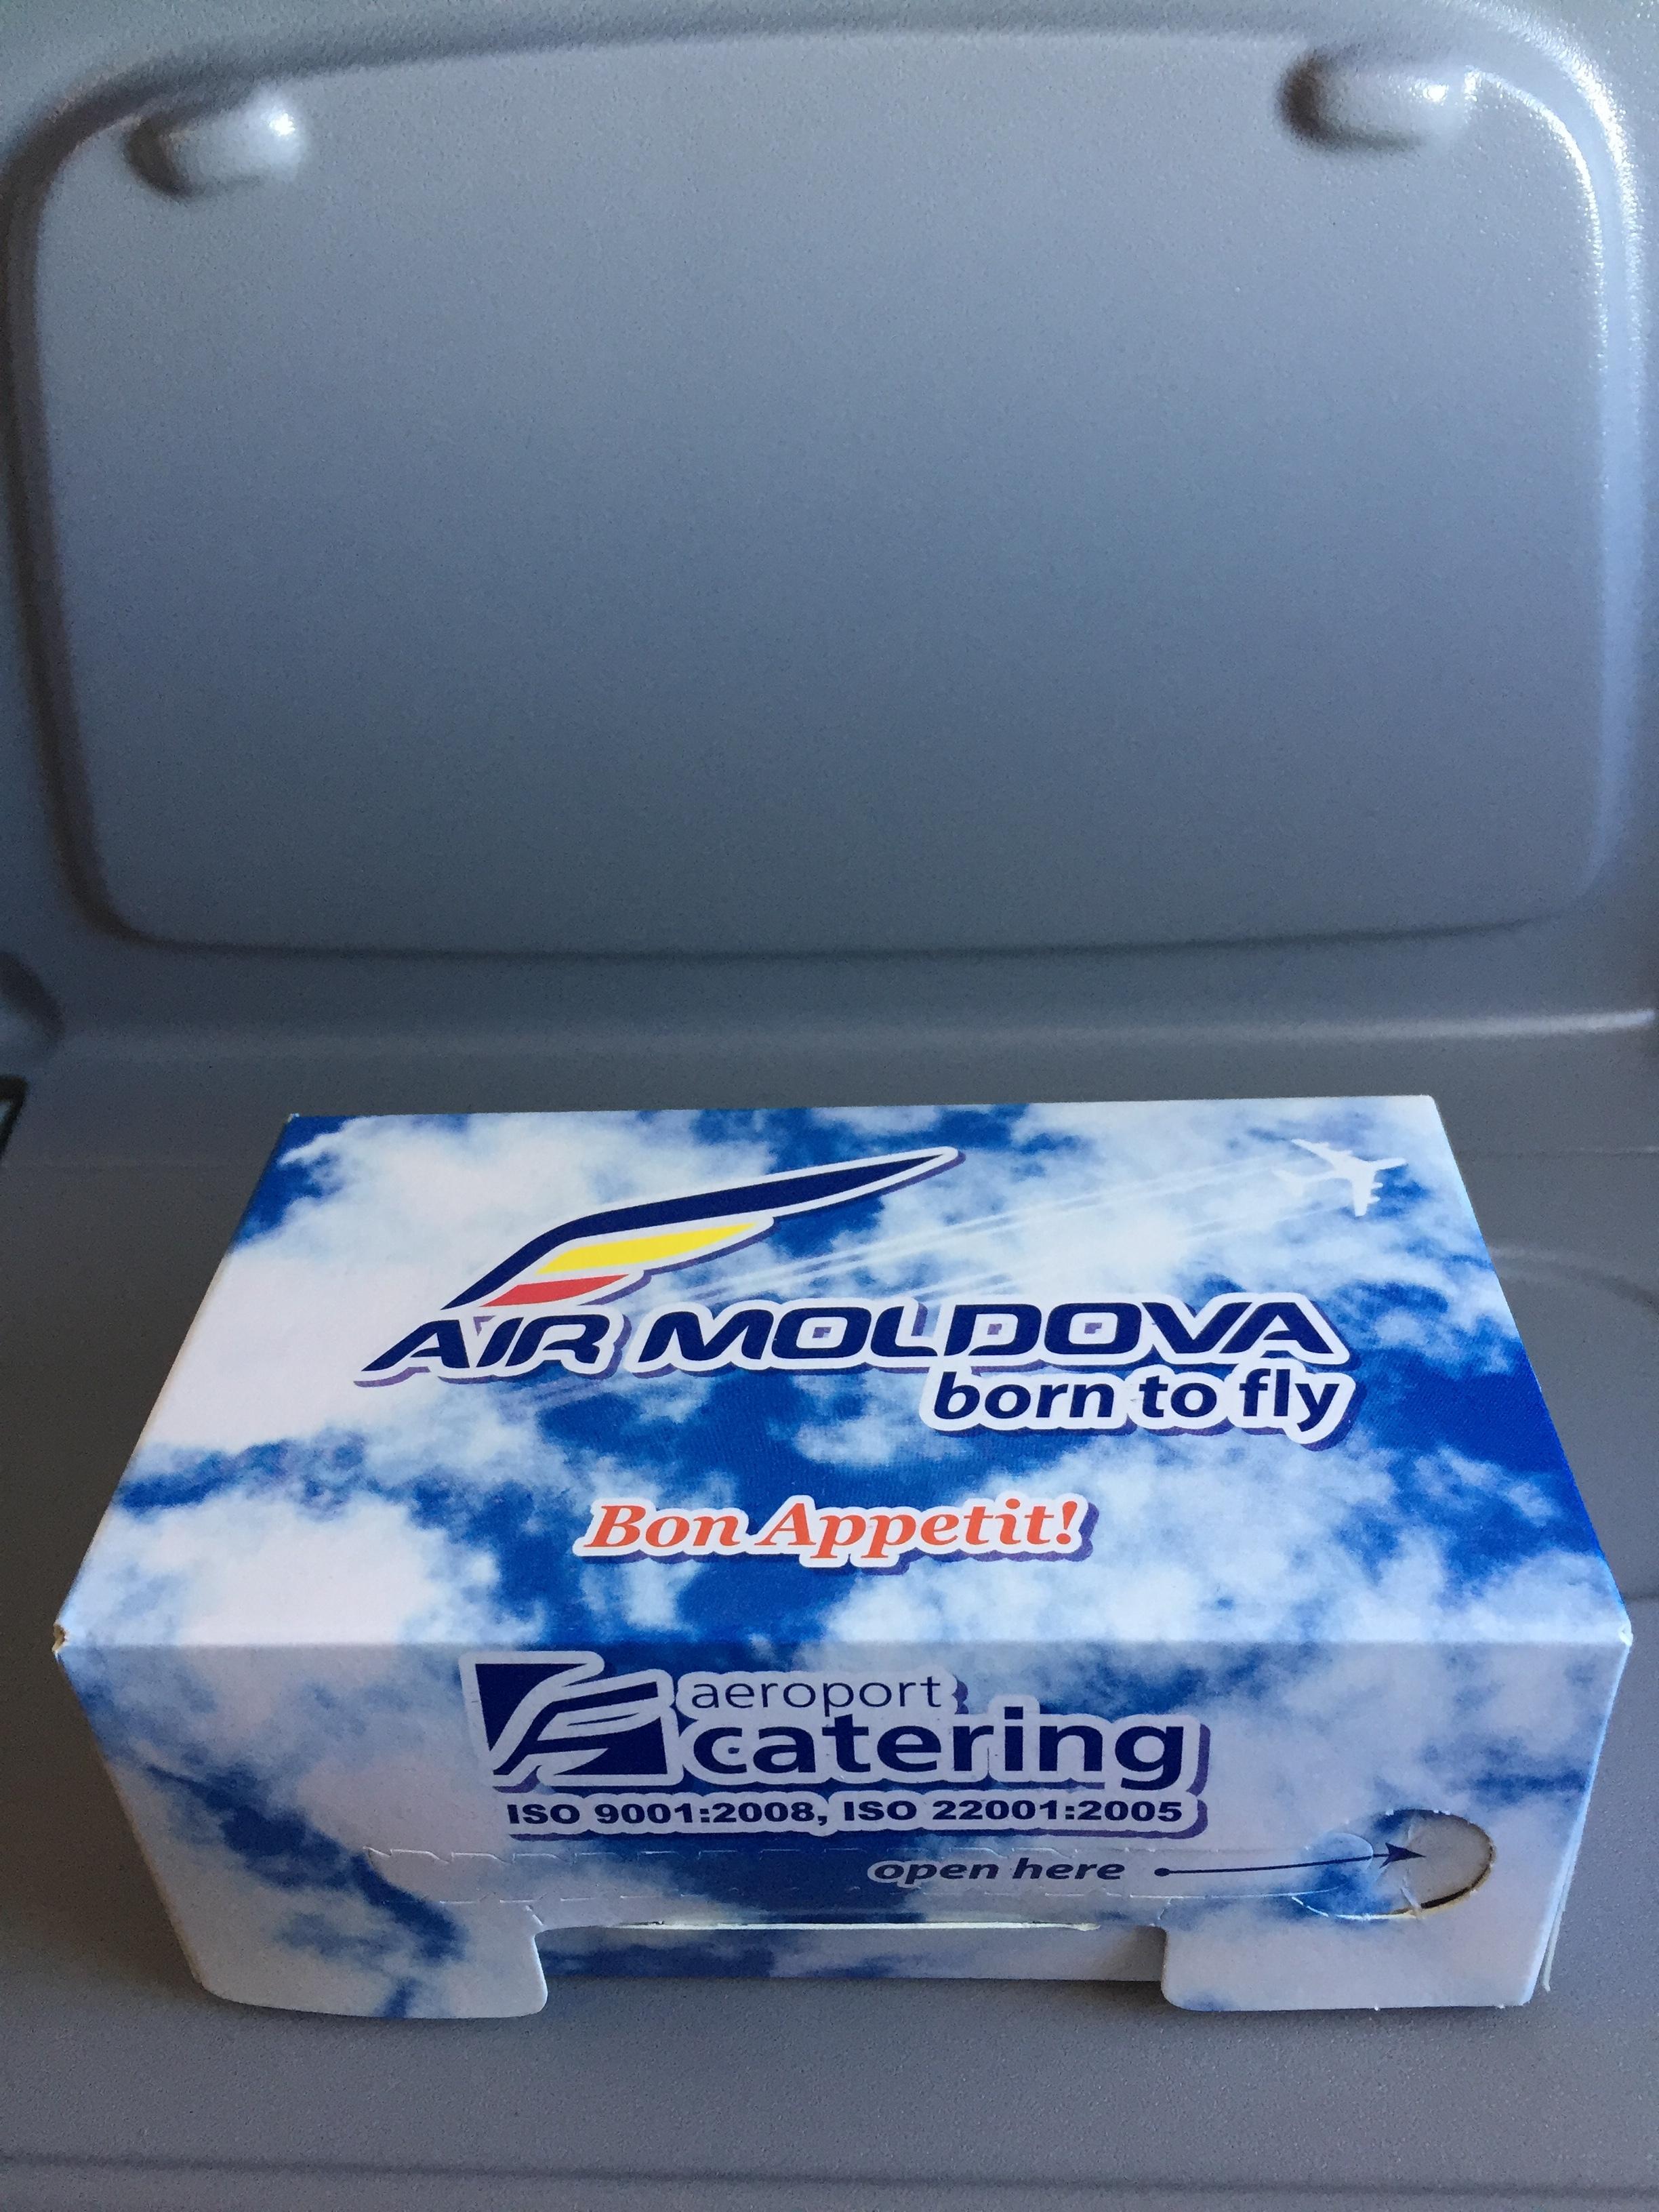 air moldova food.JPG